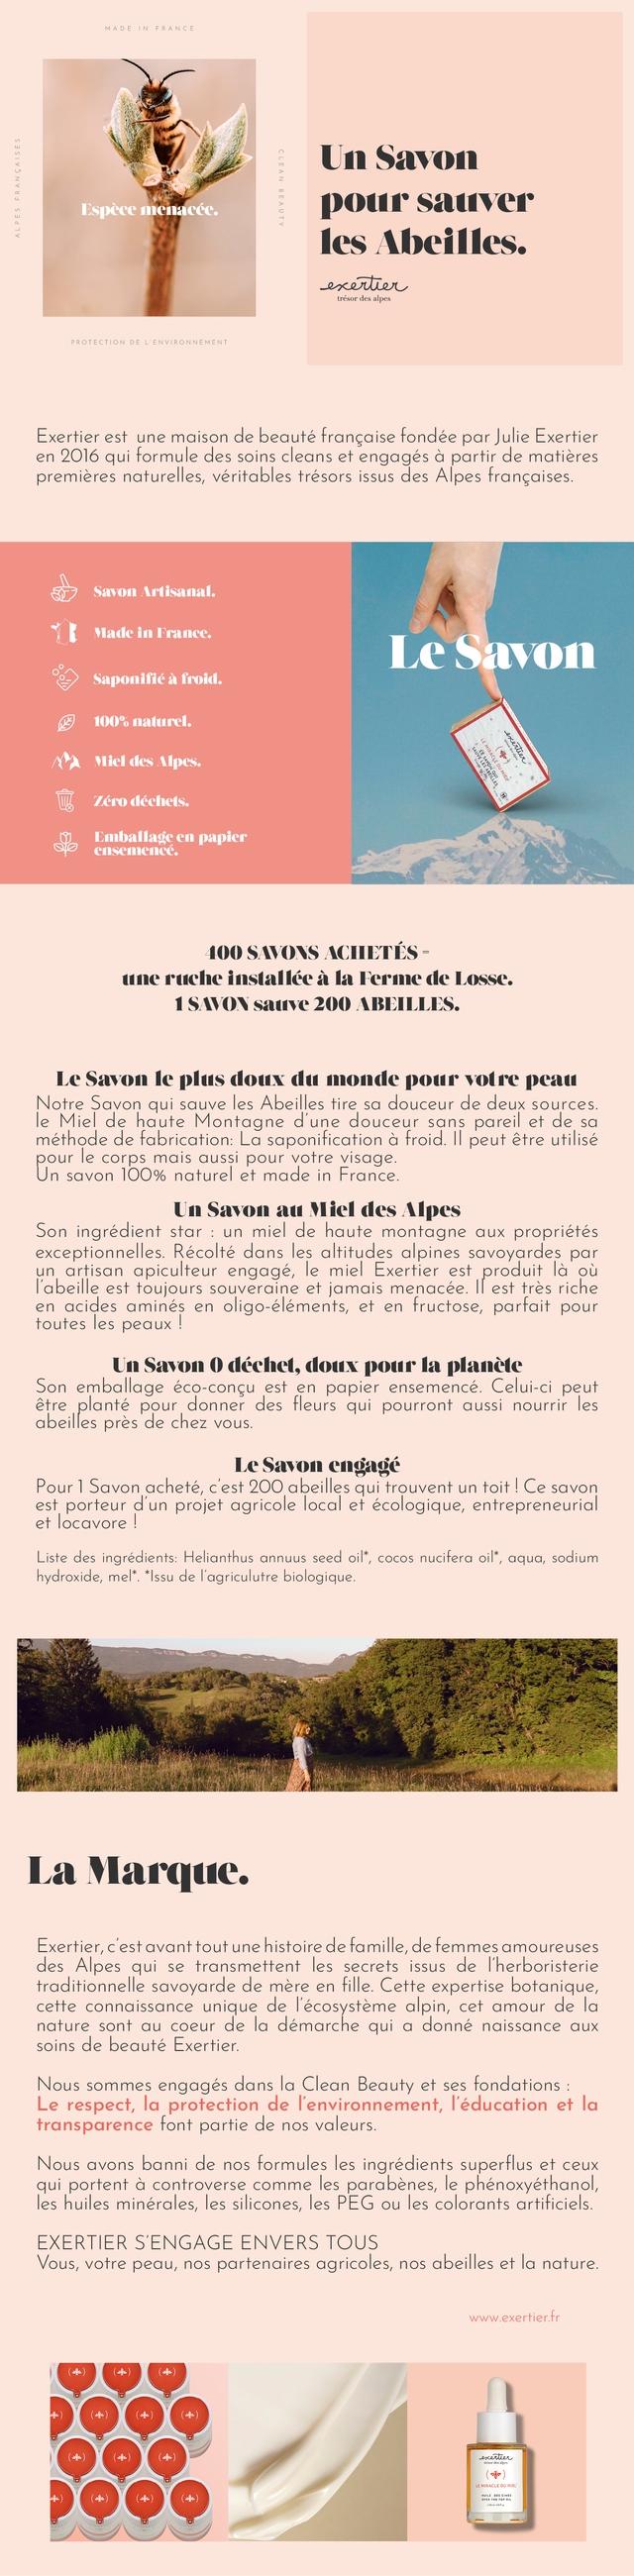 Un Savon pour sauver les Abeilles. exerter Exertier est une maison de beaute francaise fondee par Julie Exertier 2016 qui formule des soins cleans et engages a partir de matieres premieres naturelles, veritables tresors issus des Alpes francaises. Savon lrtisanal. Made in France. Savon Saponifie froid. naturel. Micldes zerodechets. Emballage papier ensemenee. DO SAVONS line ruche installce Ferme de Losse. 1SAVON 200 1BEILLES. Le Savon le plus doux du monde pour votre peau Notre Savon qui sauve les Abeilles tire sa douceur de deux sources. le Mie de haute Montagne d'une douceur sans pareil et de methode de fabrication: La aponification a froid II peut etre utilise pour le corps mais auss pour votre visage Un savon 100% naturel et made in France Un Savon Miel des Alpes Son ingredient star un miel de haute montagne aux proprietes exceptionnelles. Recolte dans les altitudes alpines savoyardes par un artisan apiculteur engage, le miel Exertier est produit la ou l'abeille est toujours souveraine et jamais menacee est tres riche en acides amines en oligo-elements et en fructose, parfait pour toutes les peaux Un Savon 0 dechet, doux pour la planete Son emballage eco-congu est en papier ensemence Celui-c peut etre plante pour donner des fleurs qui pourront aussi nourrir les abeilles pres de chez Le Savon engage Pour Savon achete, cest 200 abeilles qui trouvent un toit Ce savon est porteur d'un projet agricole local et ecologique, entrepreneuria et locavore Liste des ingredients Helianthus annuus seed oil*, nucifera oil* aqua sodium hydroxide, mel* *Issu de lagriculutre biologique La Marque. Exertier, avant tout unehistoirede famille de femmes amoureuses des Alpes qui se transmettent les secrets issus de T'herboristerie traditionnelle savoyarde de mere en fille Cette expertise botanique cette connaissance unique de ecosysteme alpin, cet amour de a nature sont au coeur de la demarche qui a donne naissance aux soins de beaute Exertier. Nous sommes engages dans la Clean Beauty e